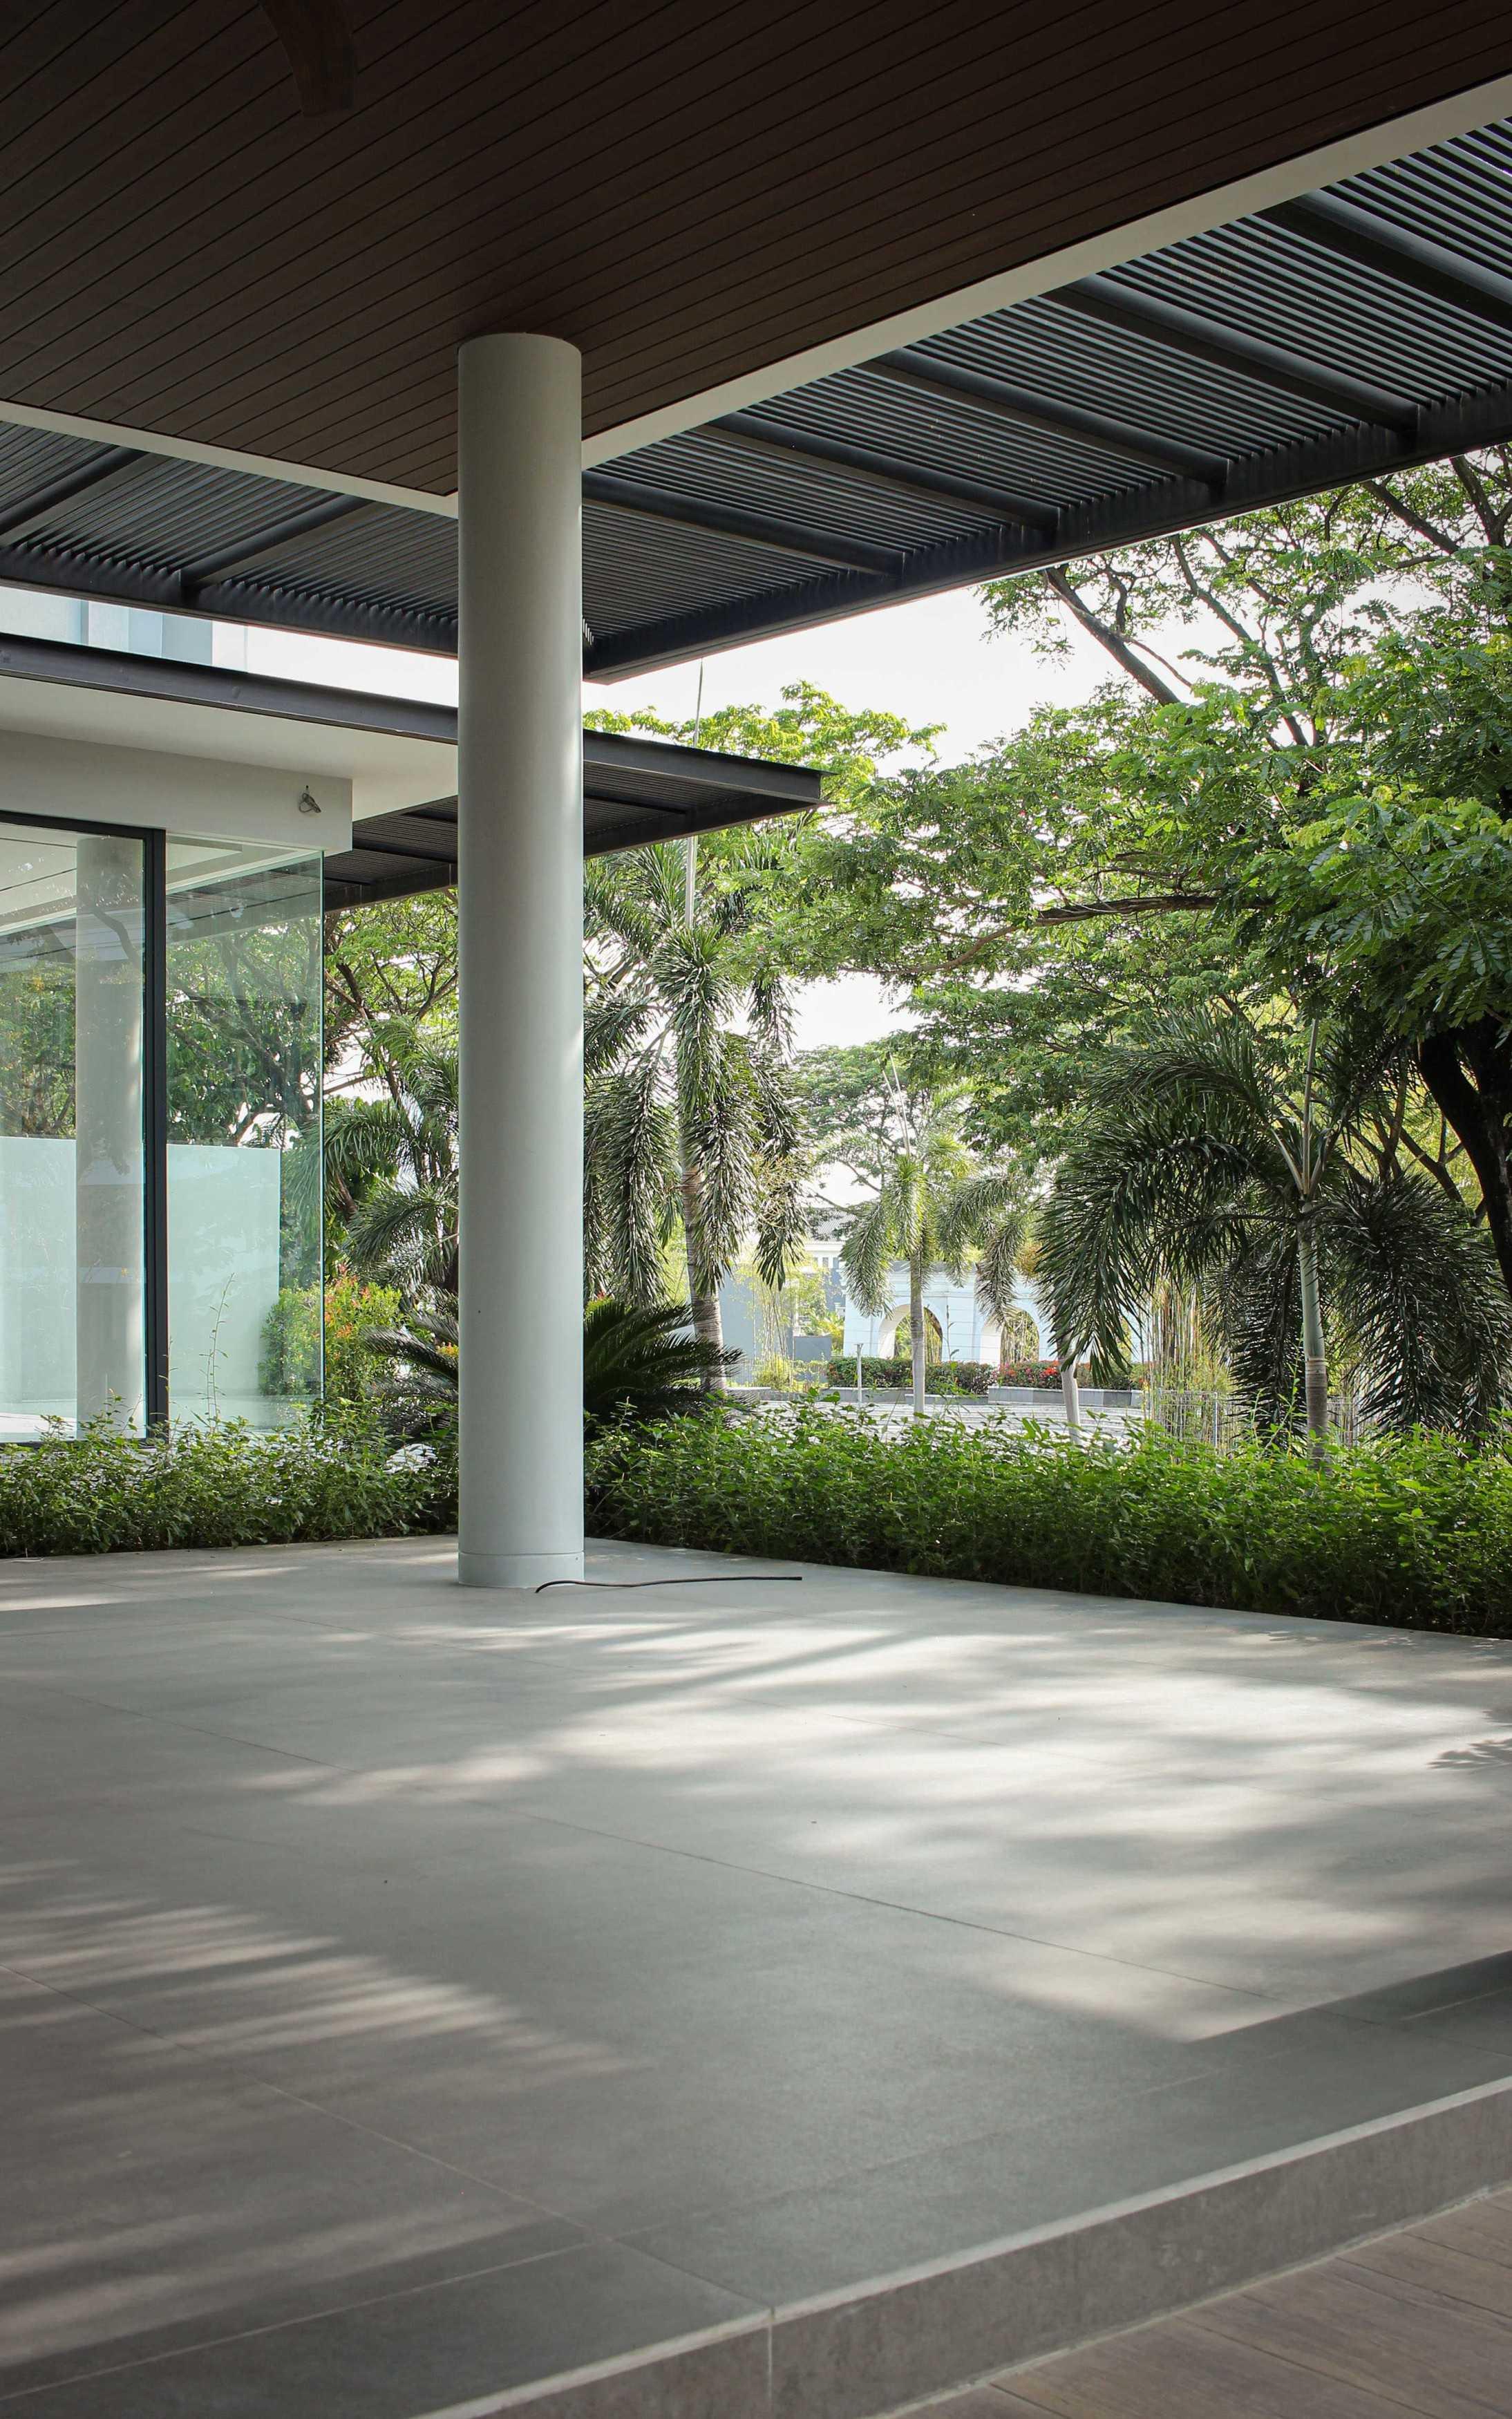 Y0 Design Architect R House Jeruk, Kec. Lakarsantri, Kota Sby, Jawa Timur 60212, Indonesia Jeruk, Kec. Lakarsantri, Kota Sby, Jawa Timur 60212, Indonesia Yohanes-Iswara-Limandjaya-R-House   121034